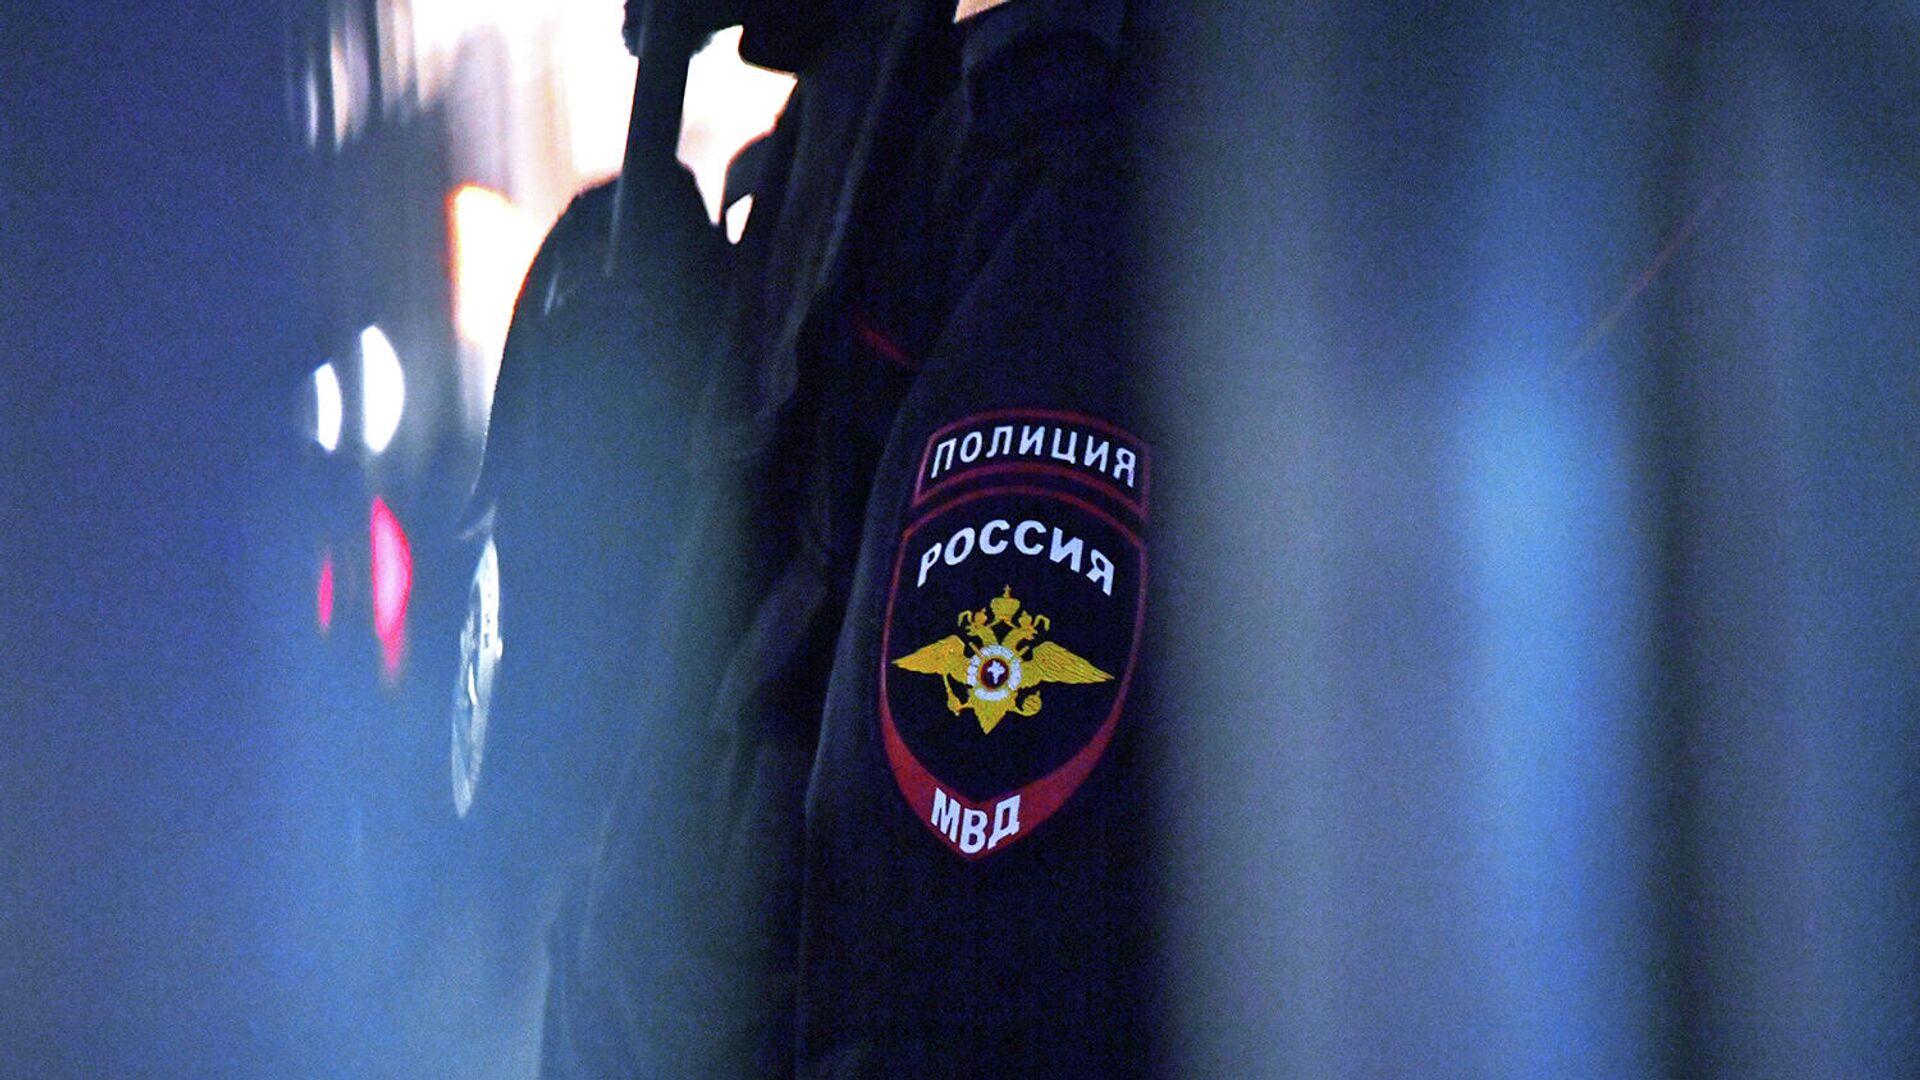 Эмблема на форме сотрудника полиции - РИА Новости, 1920, 01.02.2021